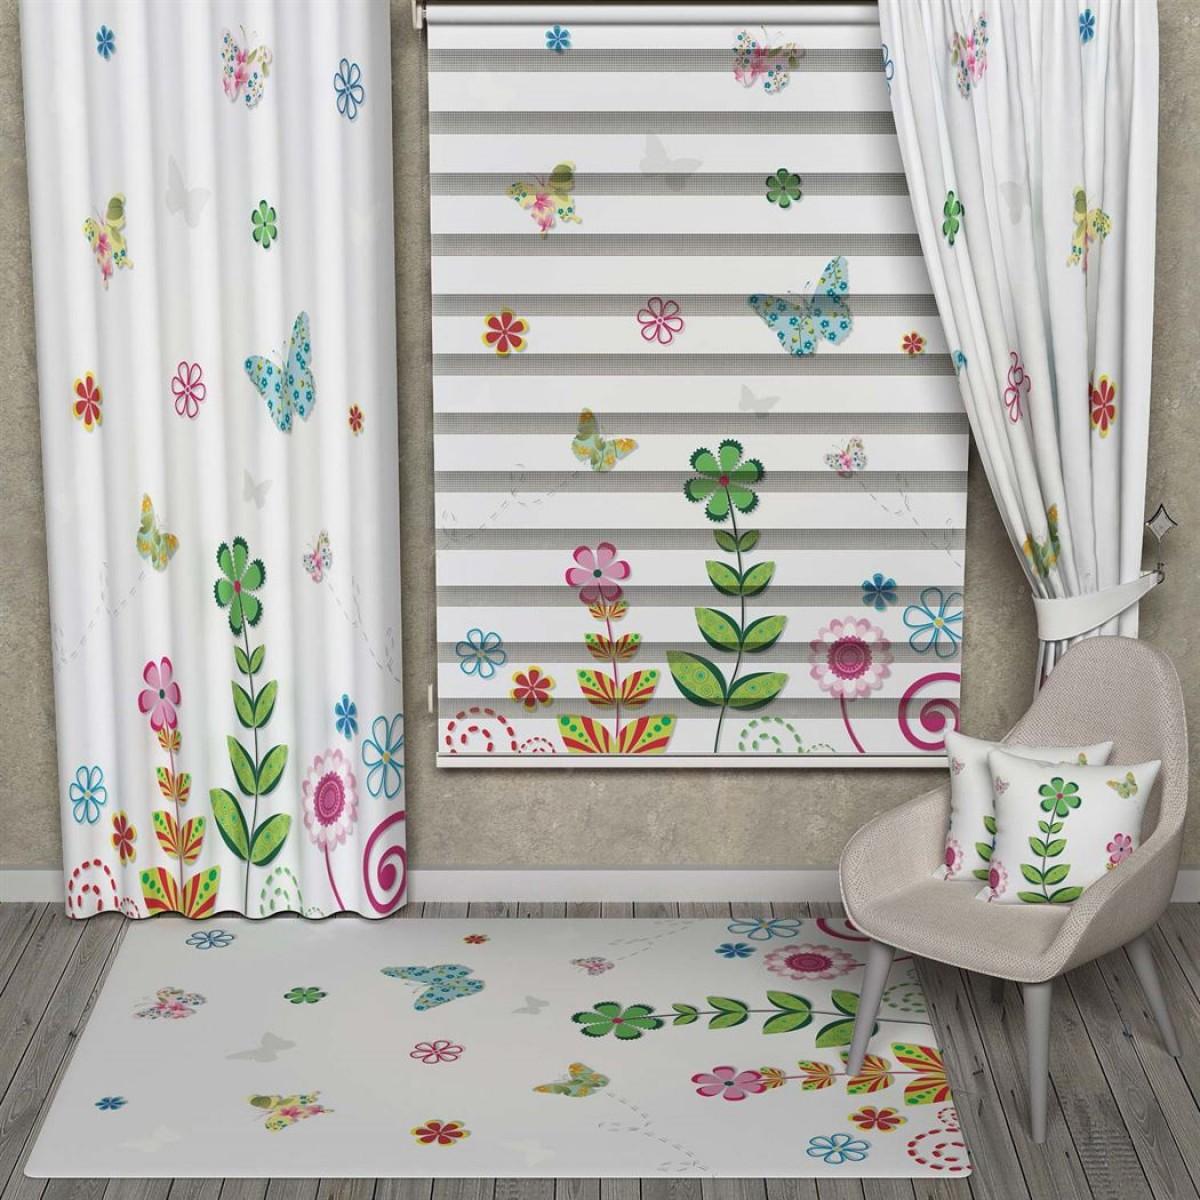 Yatak Odası - Kelebekler ve Çiçekler Kombinli Set Ürünler